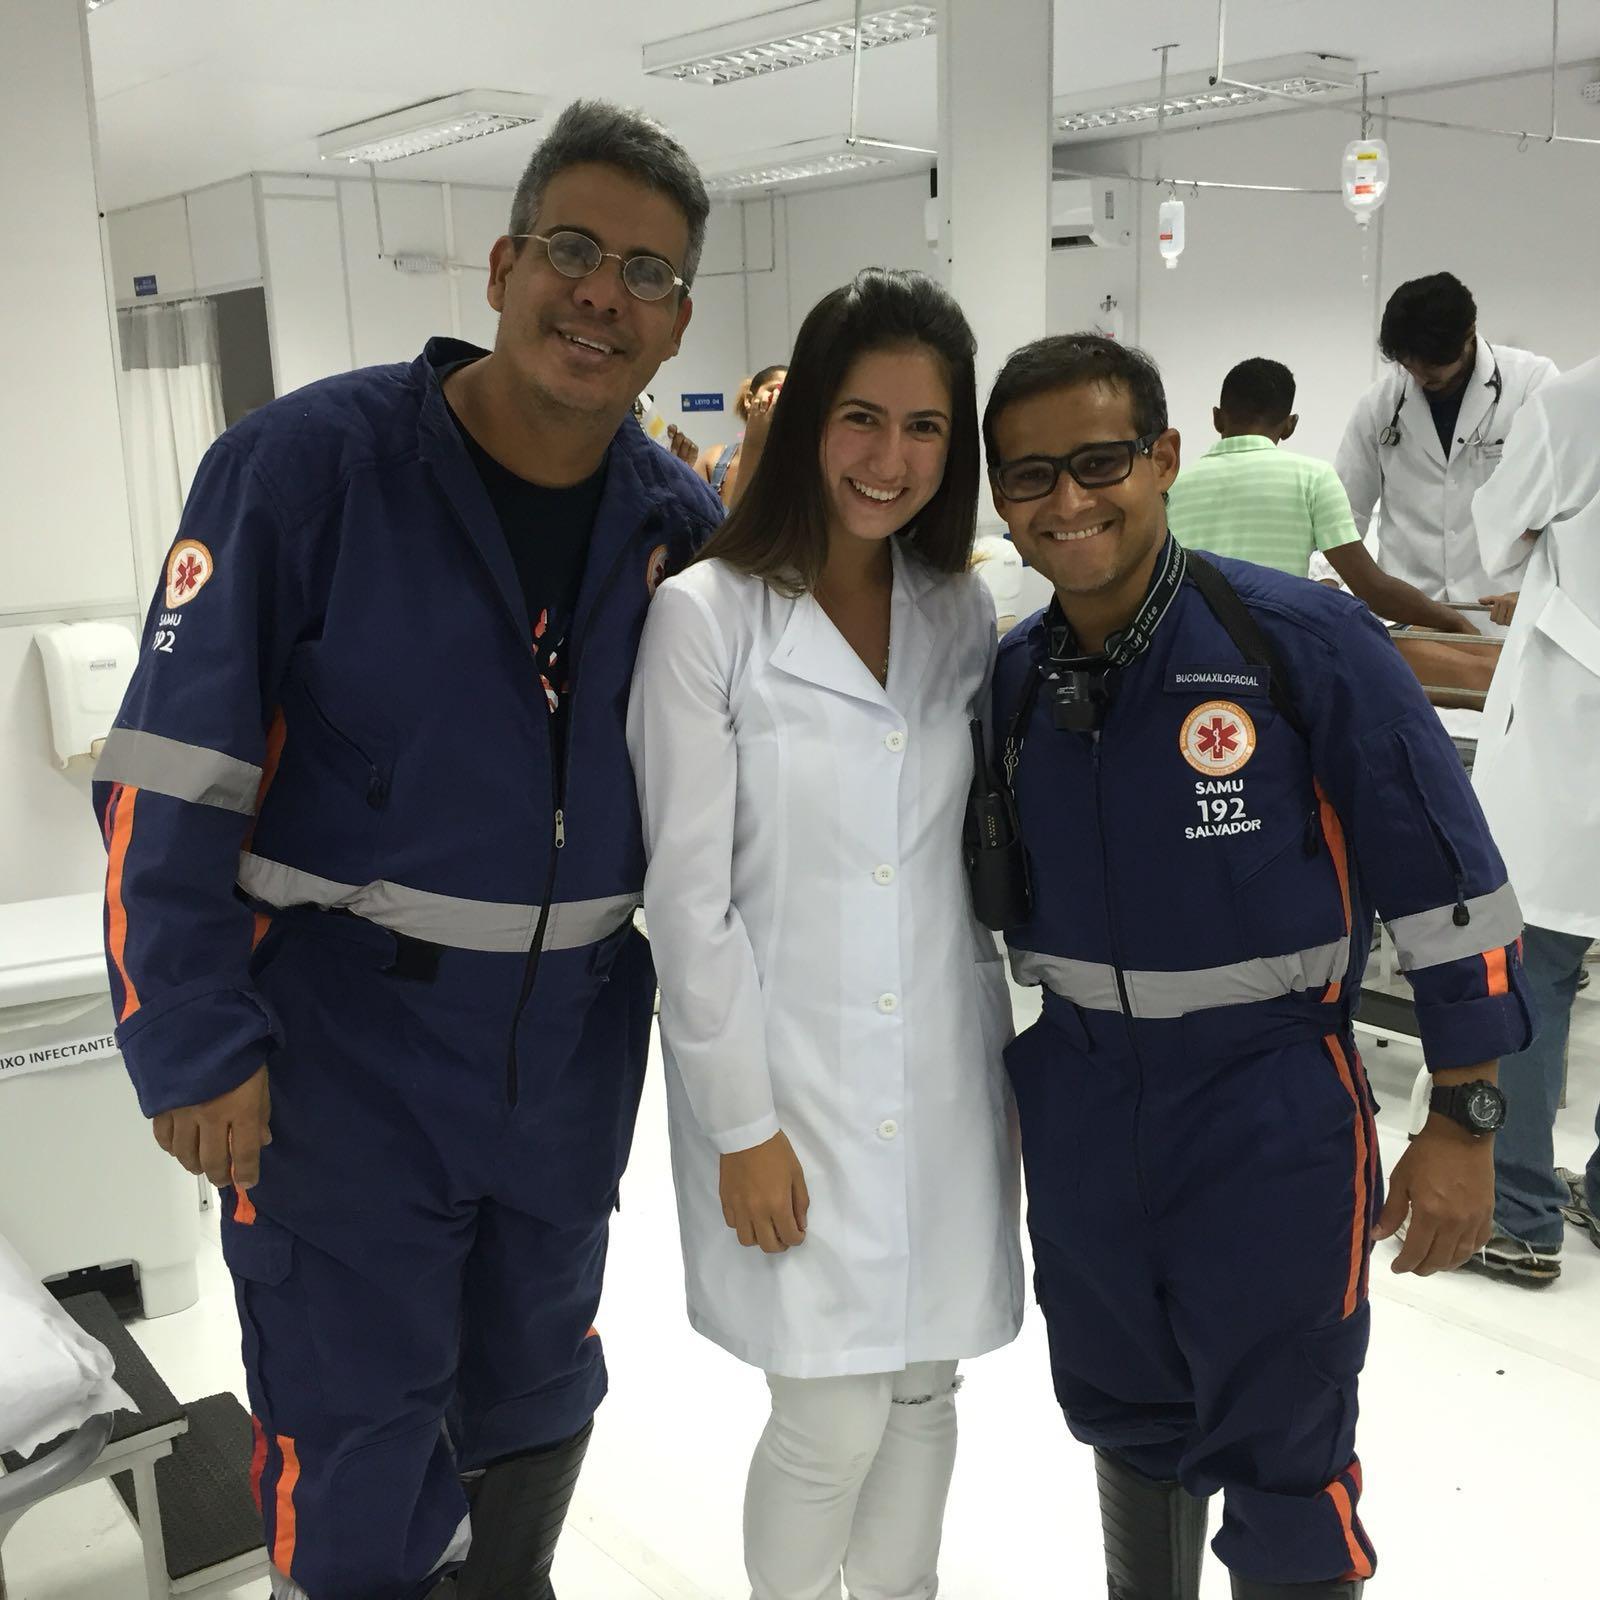 Aluna de Odontologia integra equipe da SAMU no Carnaval de Salvador